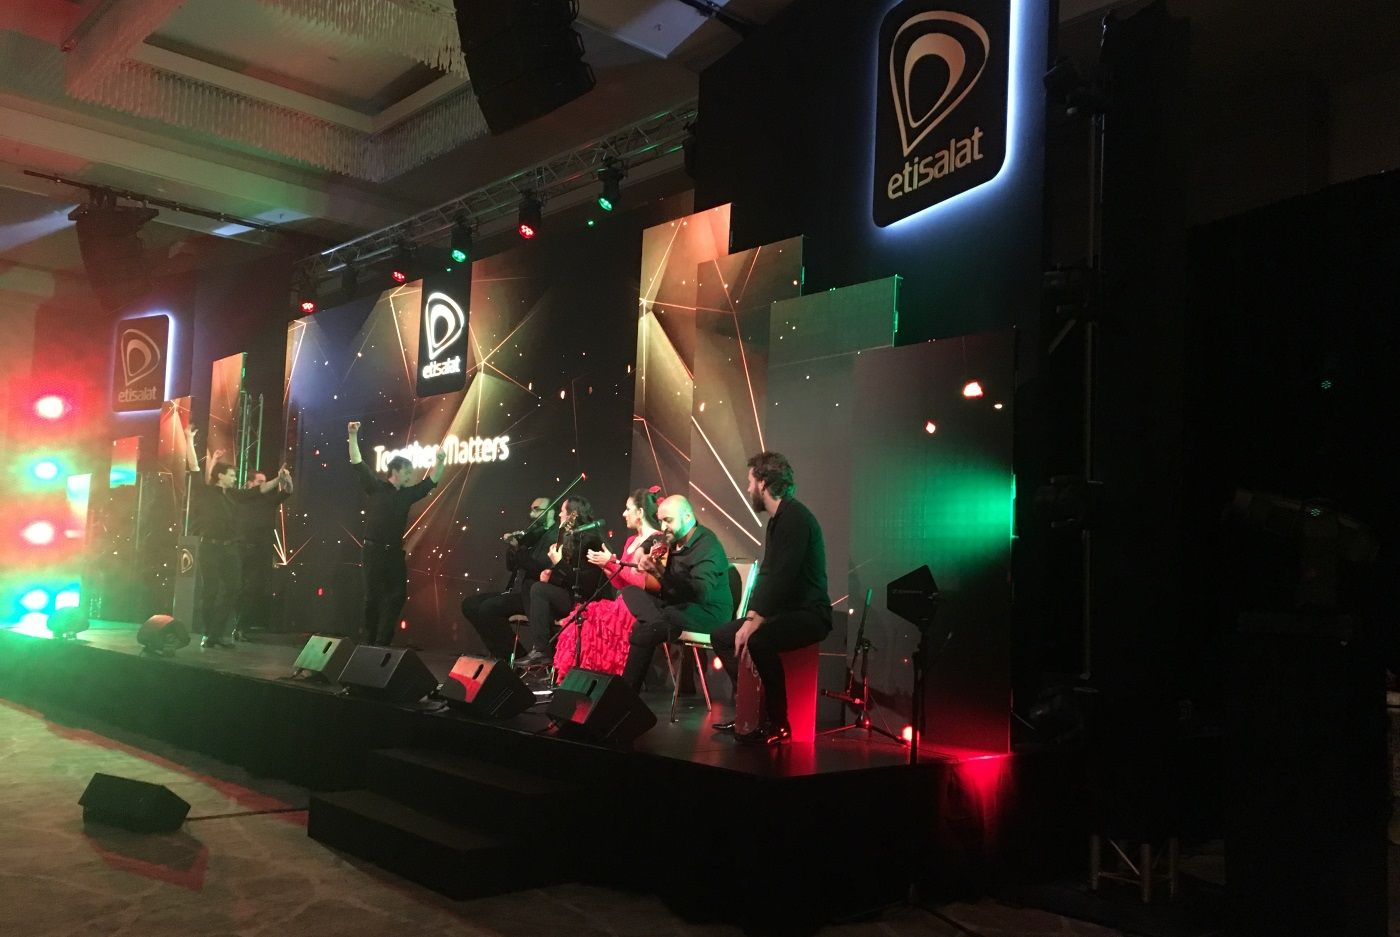 Dancem Espectáculos en el Mobile World Congress